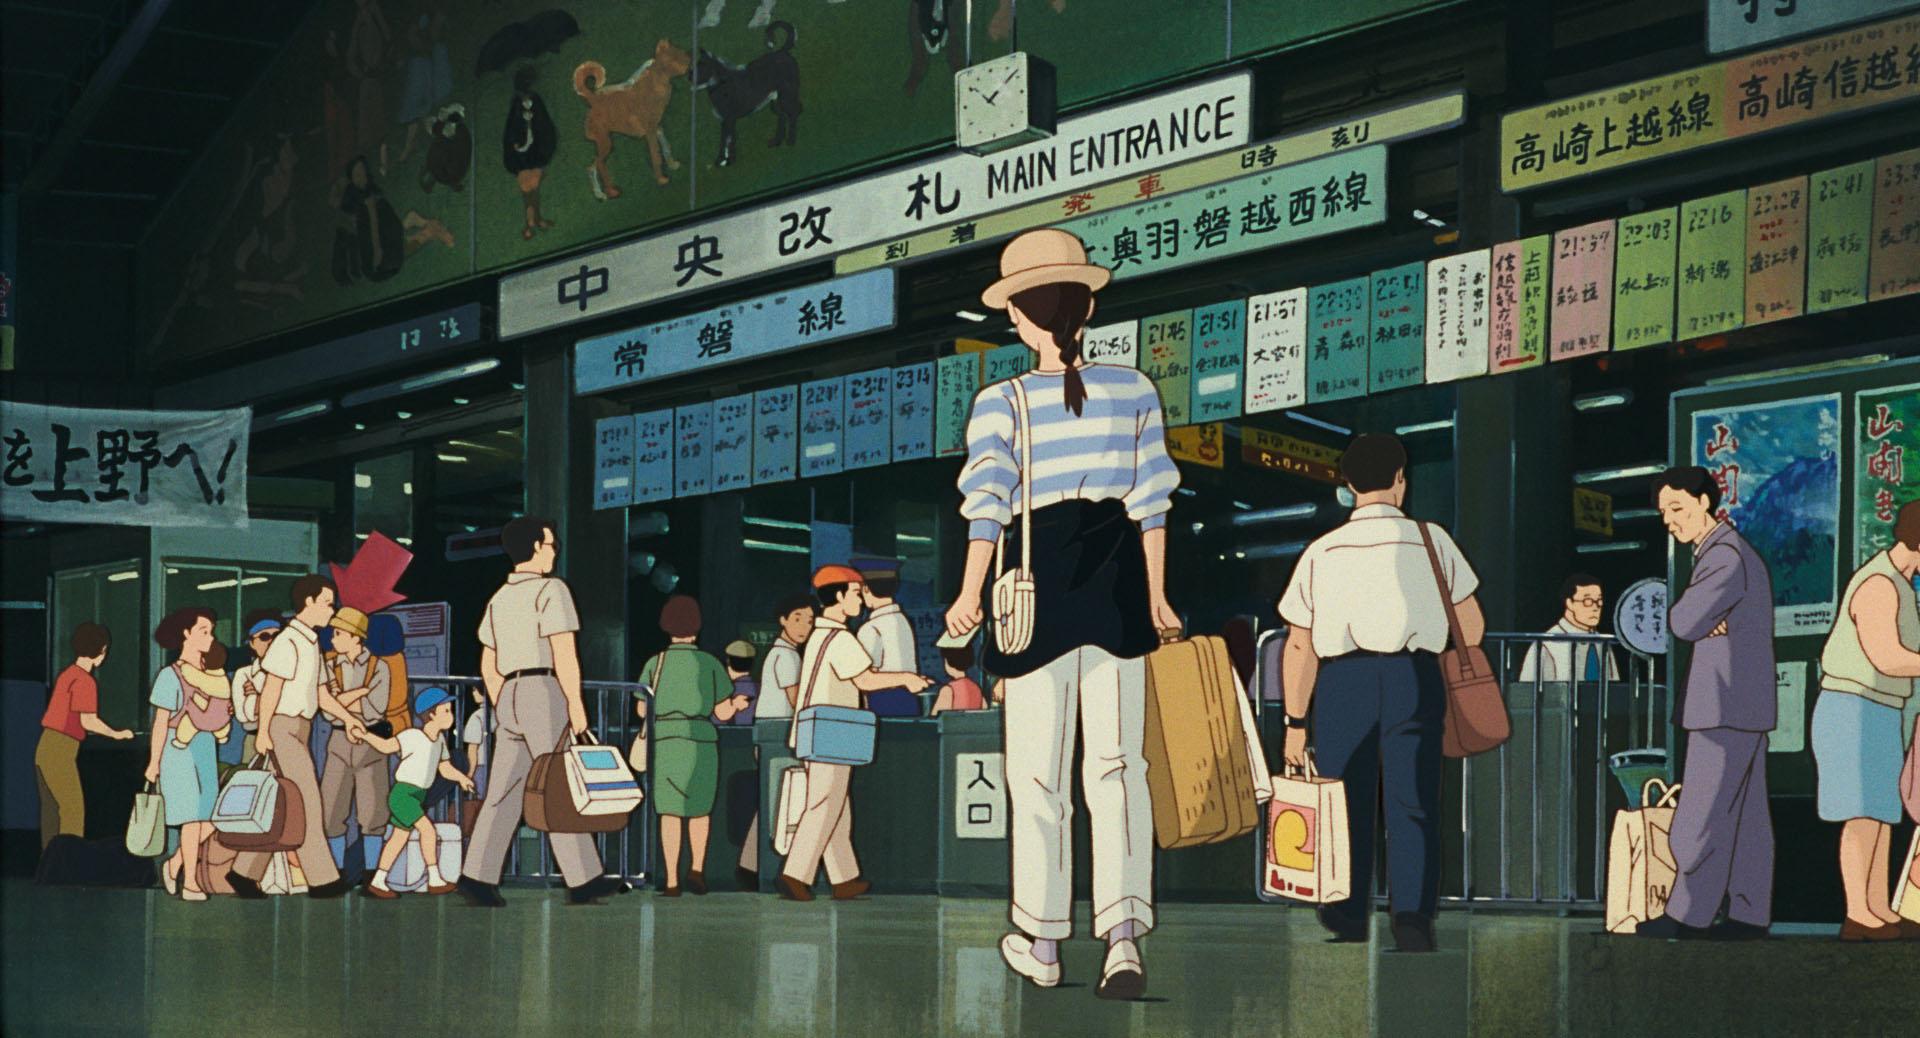 Podróże śladami bohaterów anime, mapa lokacji japońskich filmów animowanych. Lokacje japońskich filmów animowanych. Prawdziwe miejsca zanime.